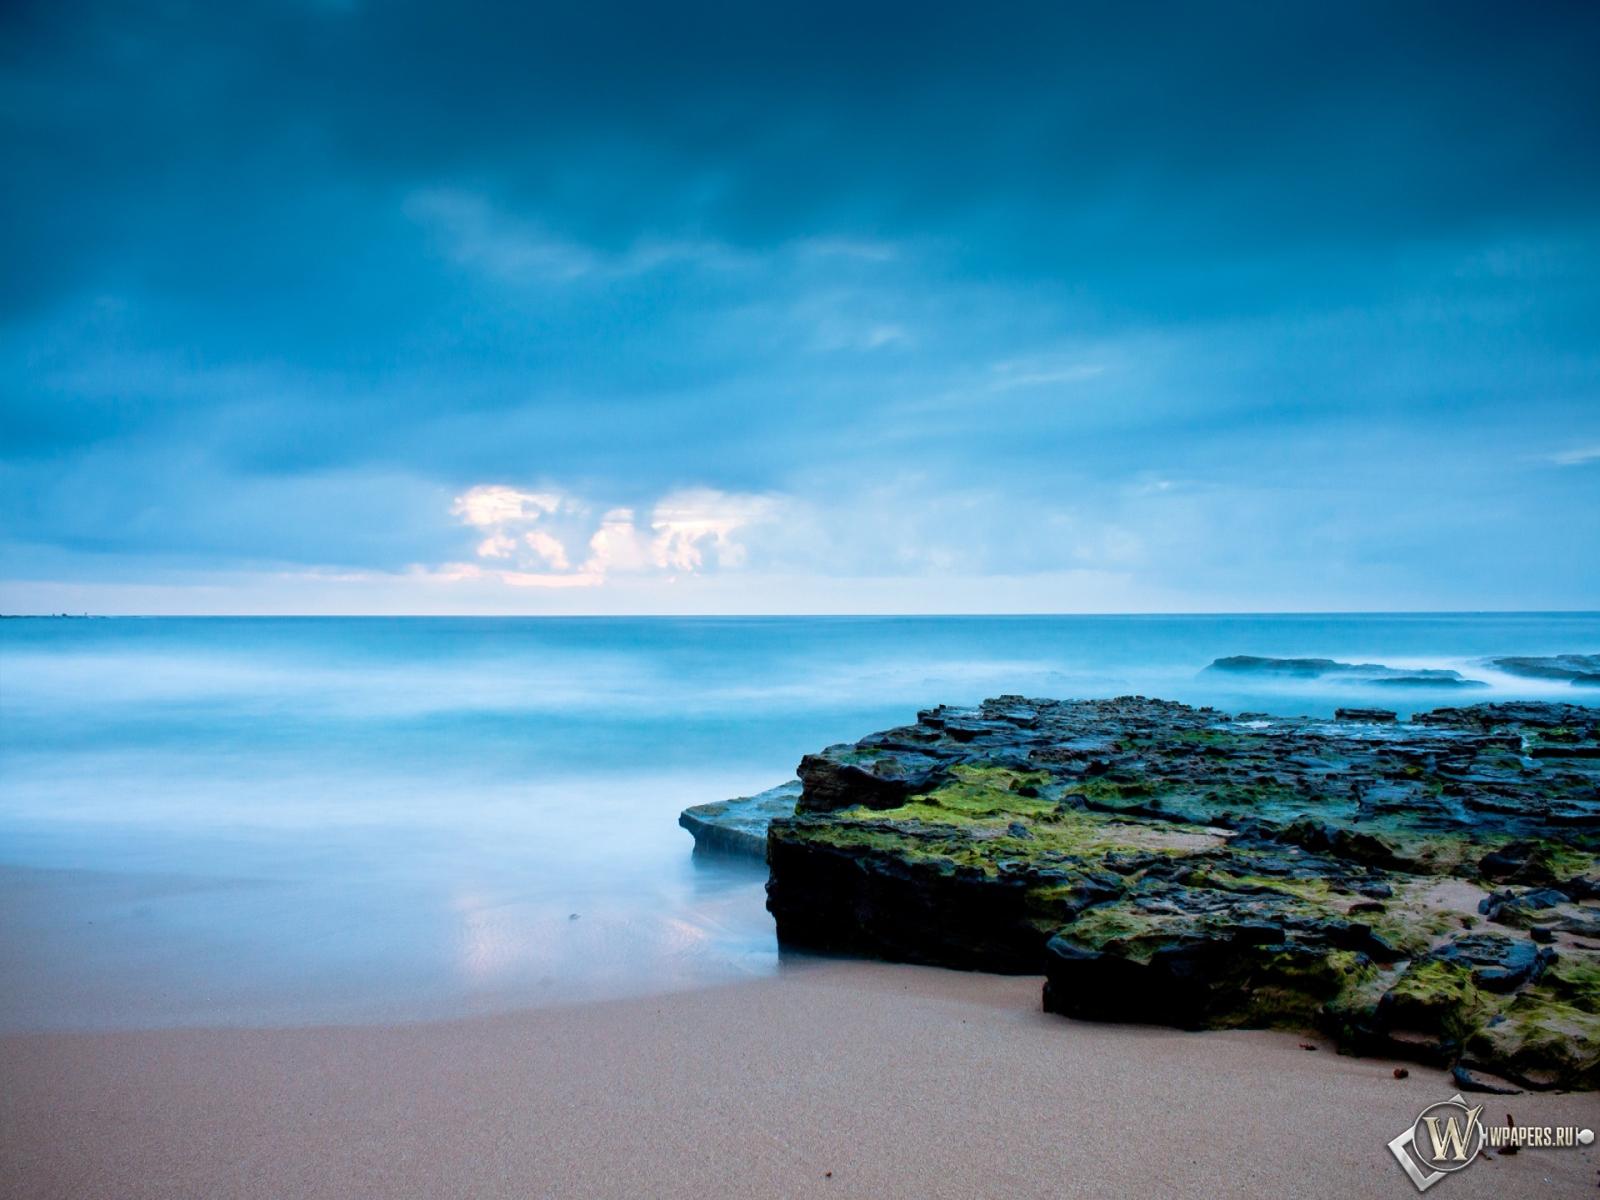 Восход солнца на берегу океана 1600x1200